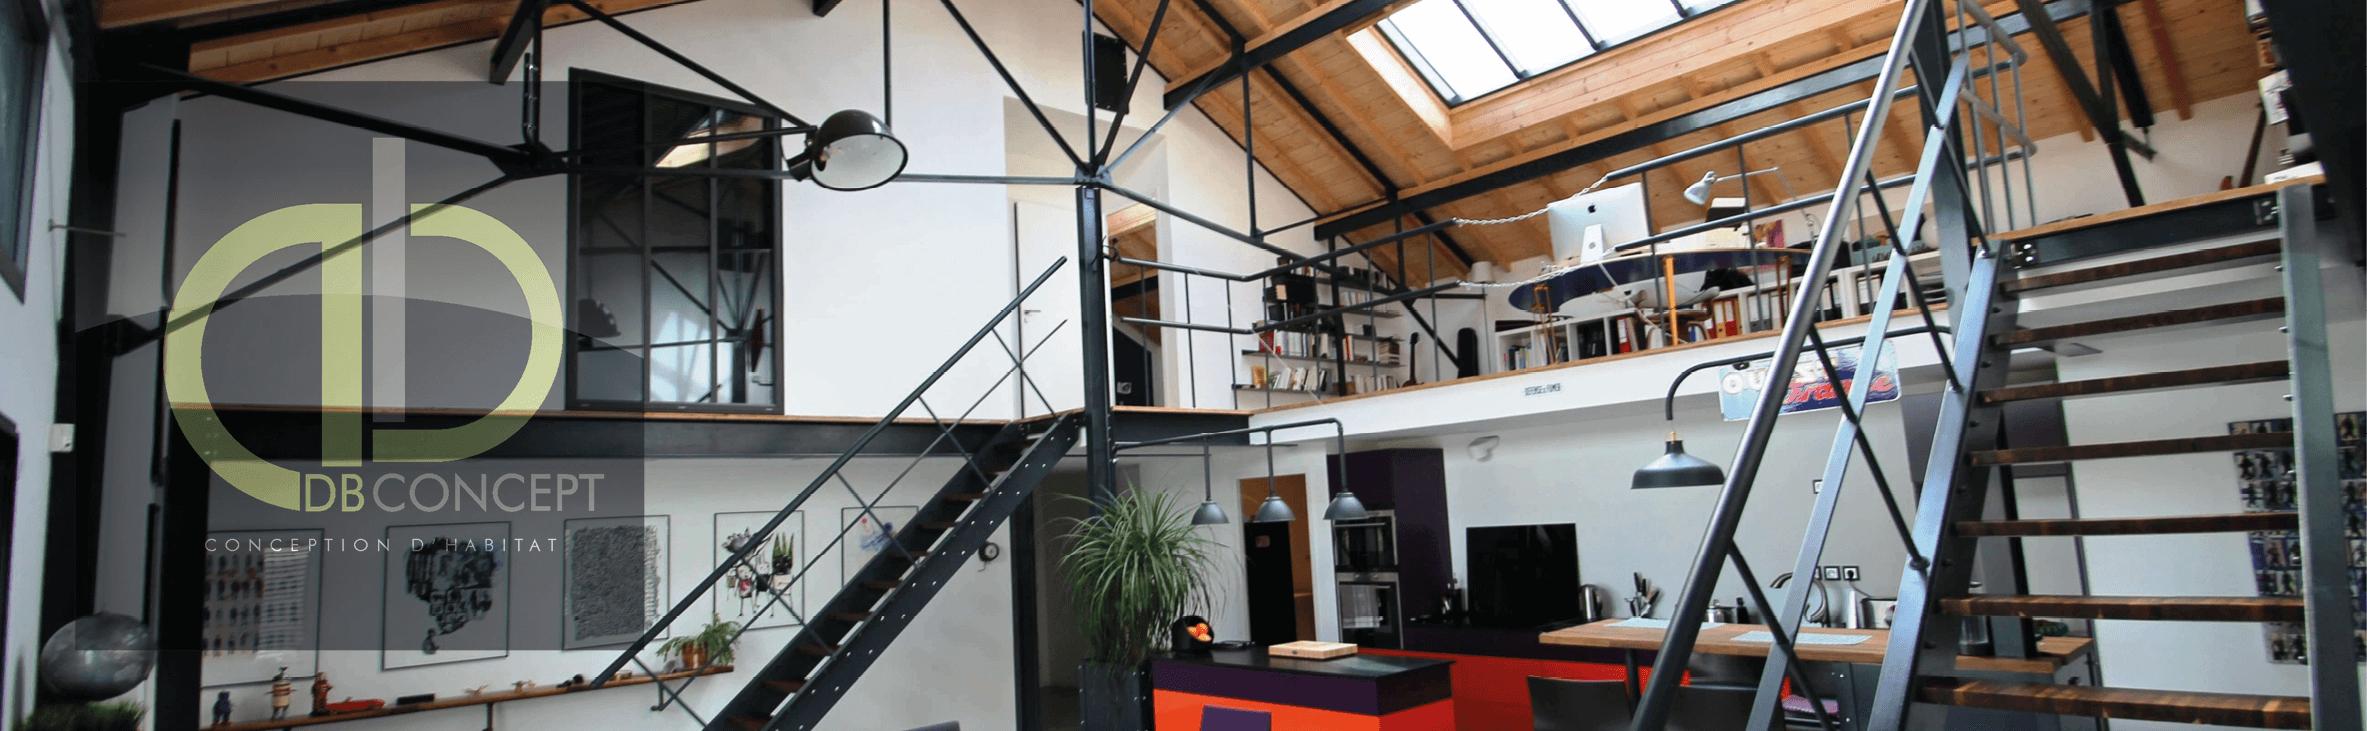 entete-slide-dbconcept-maitre-oeuvre-architecture-interieure